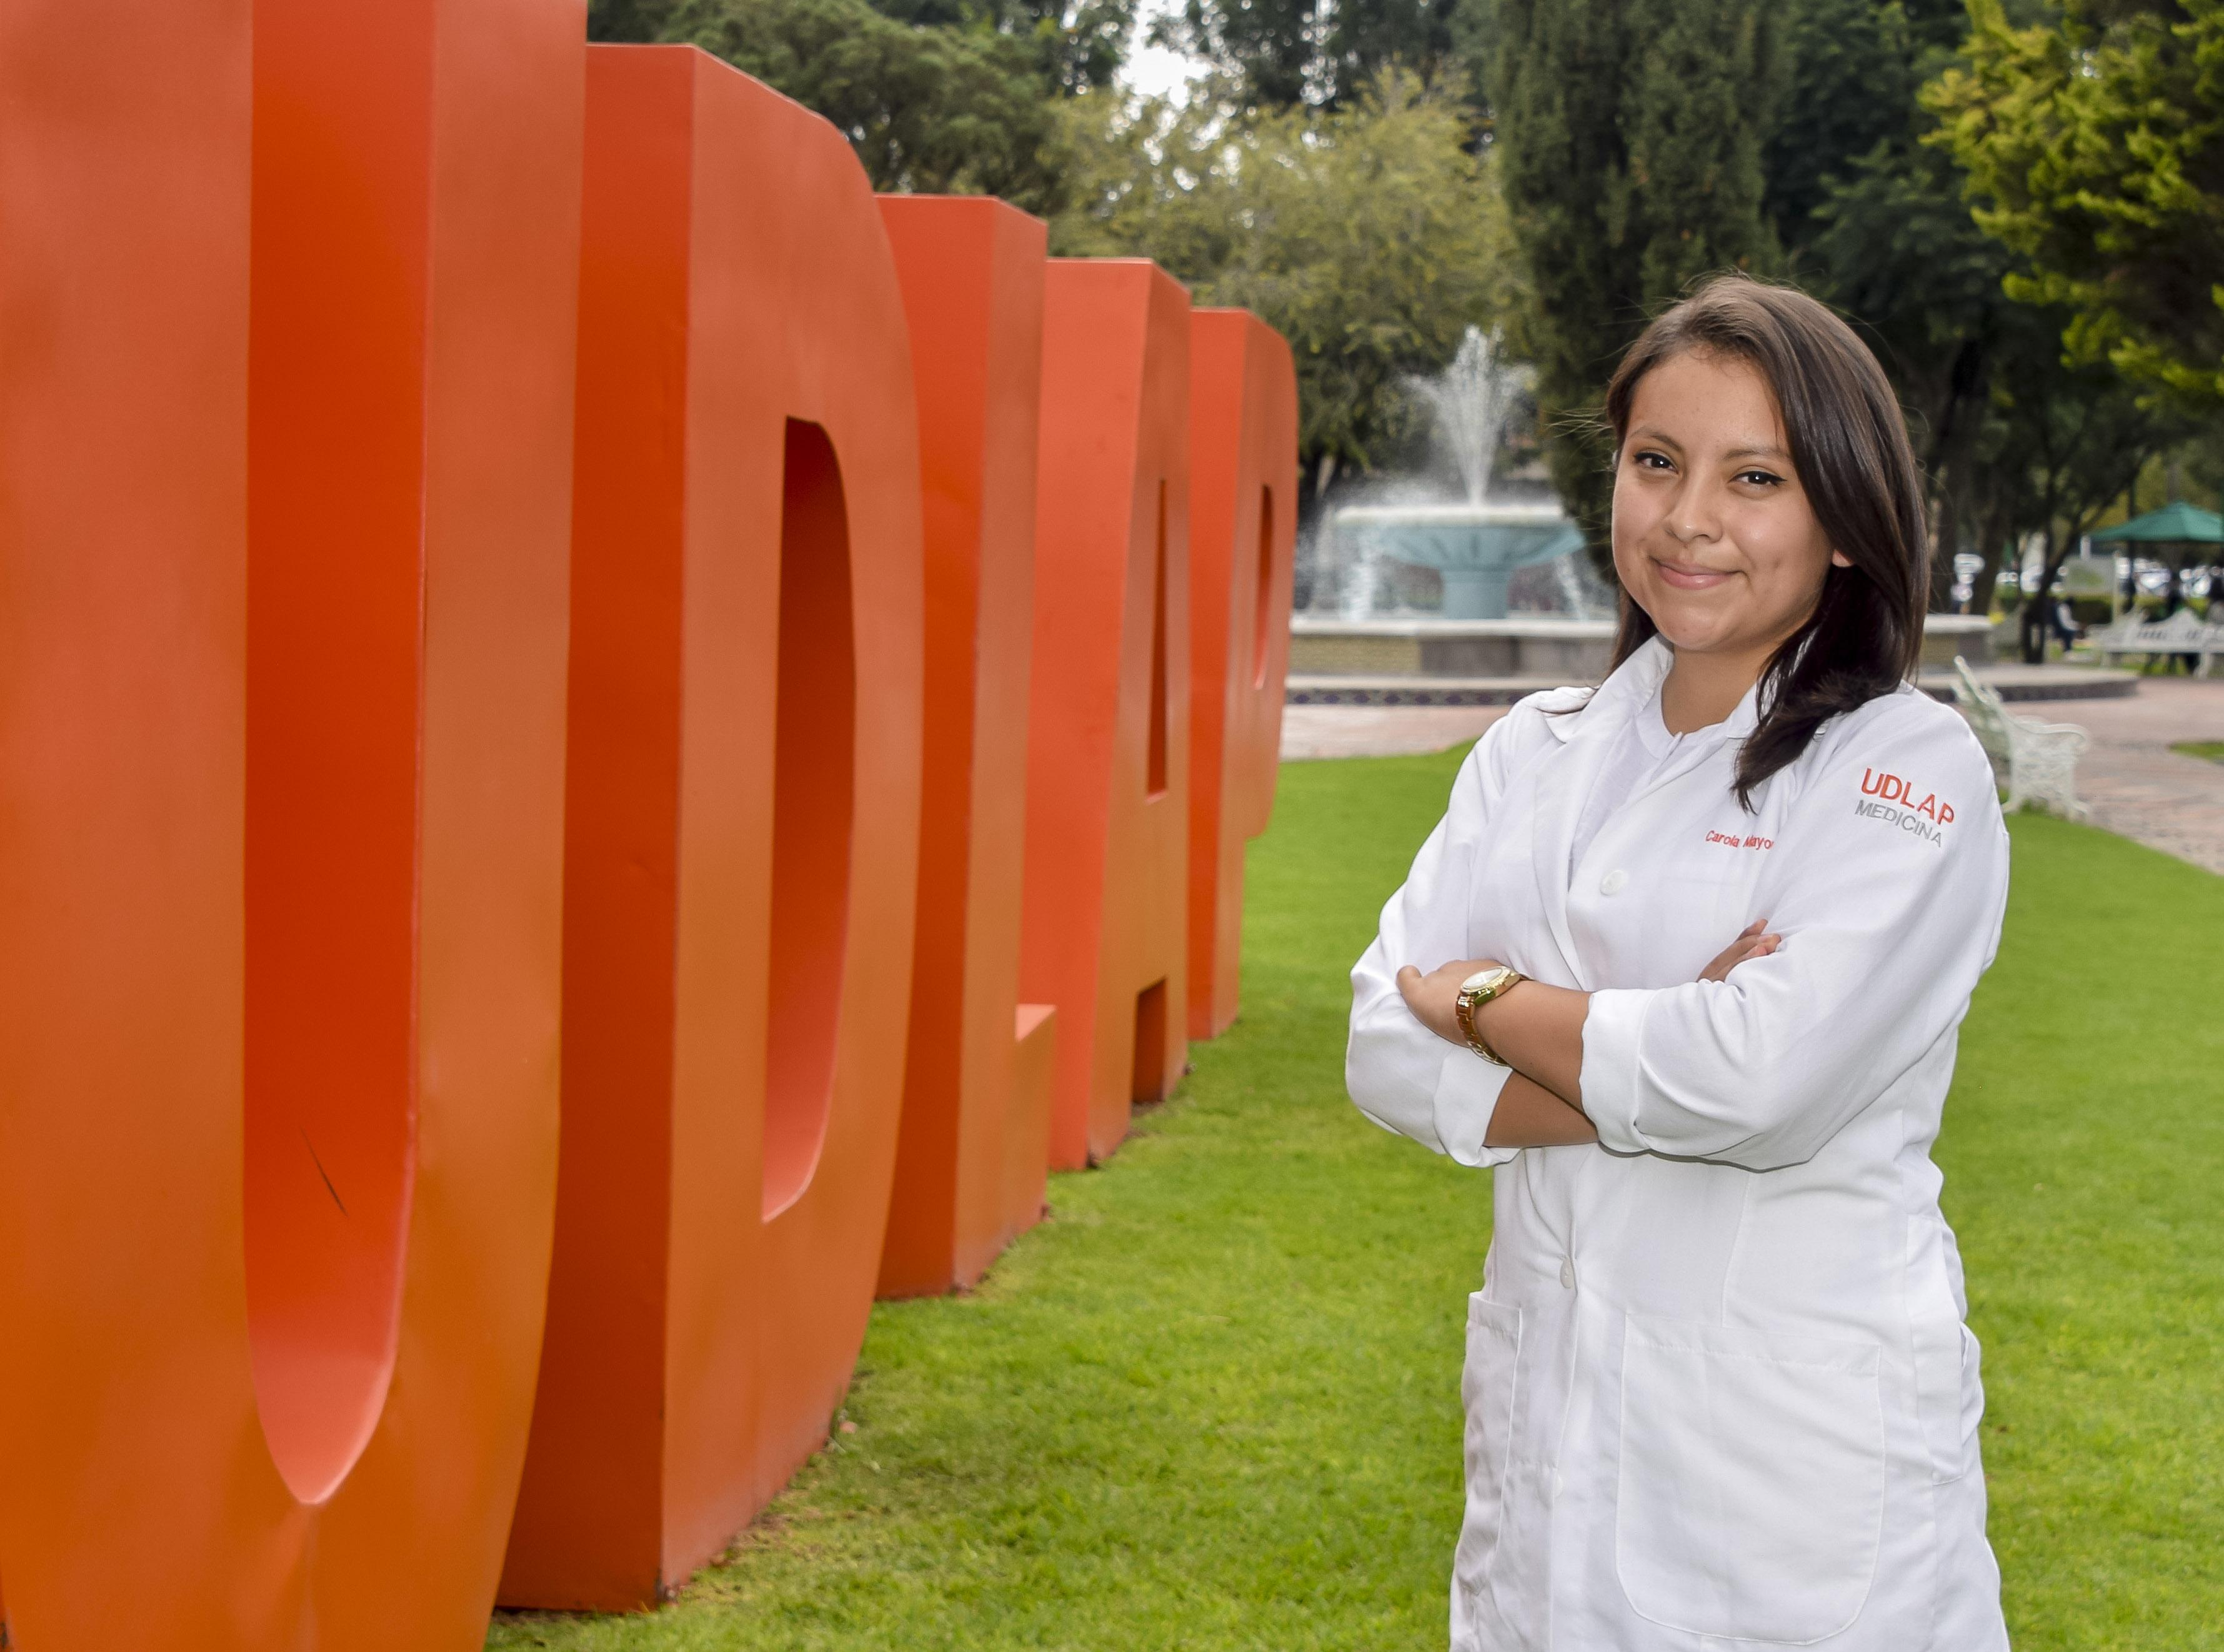 Estudiante Udlap trabaja proyecto  sobre resistencia a antibióticos